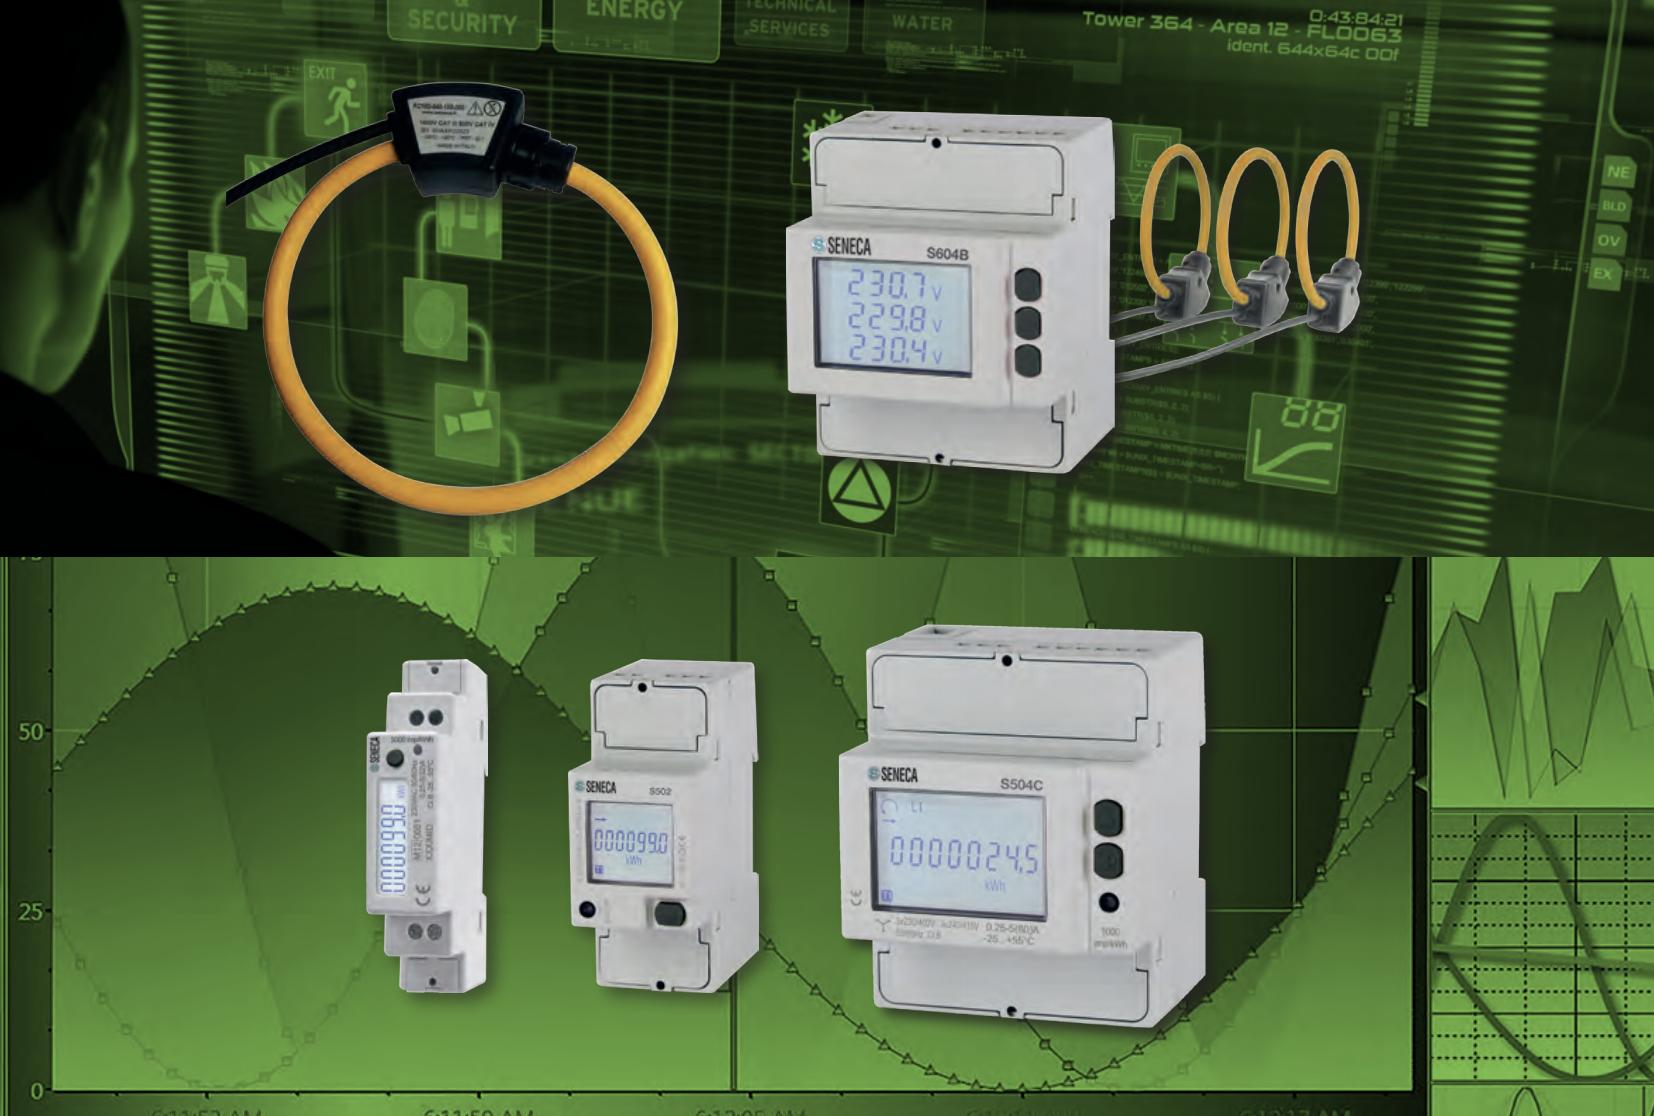 thiết bị đo công suất điện 3 pha